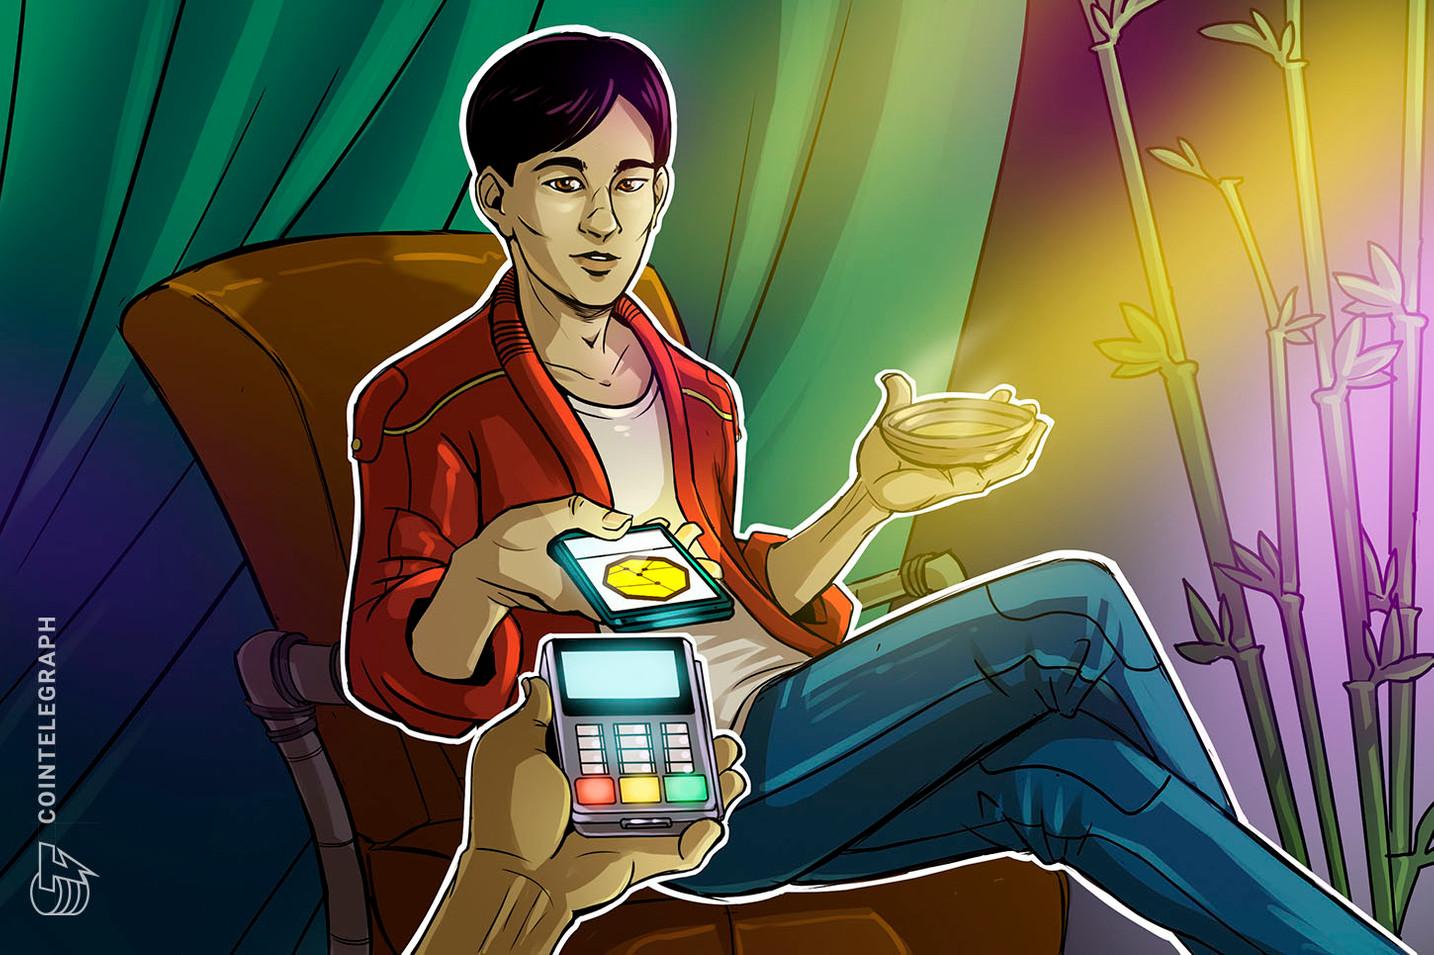 Gigante de mensagens sul-coreana Kakao e startup islandesa fecham parceria para métodos de pagamento em blockchain